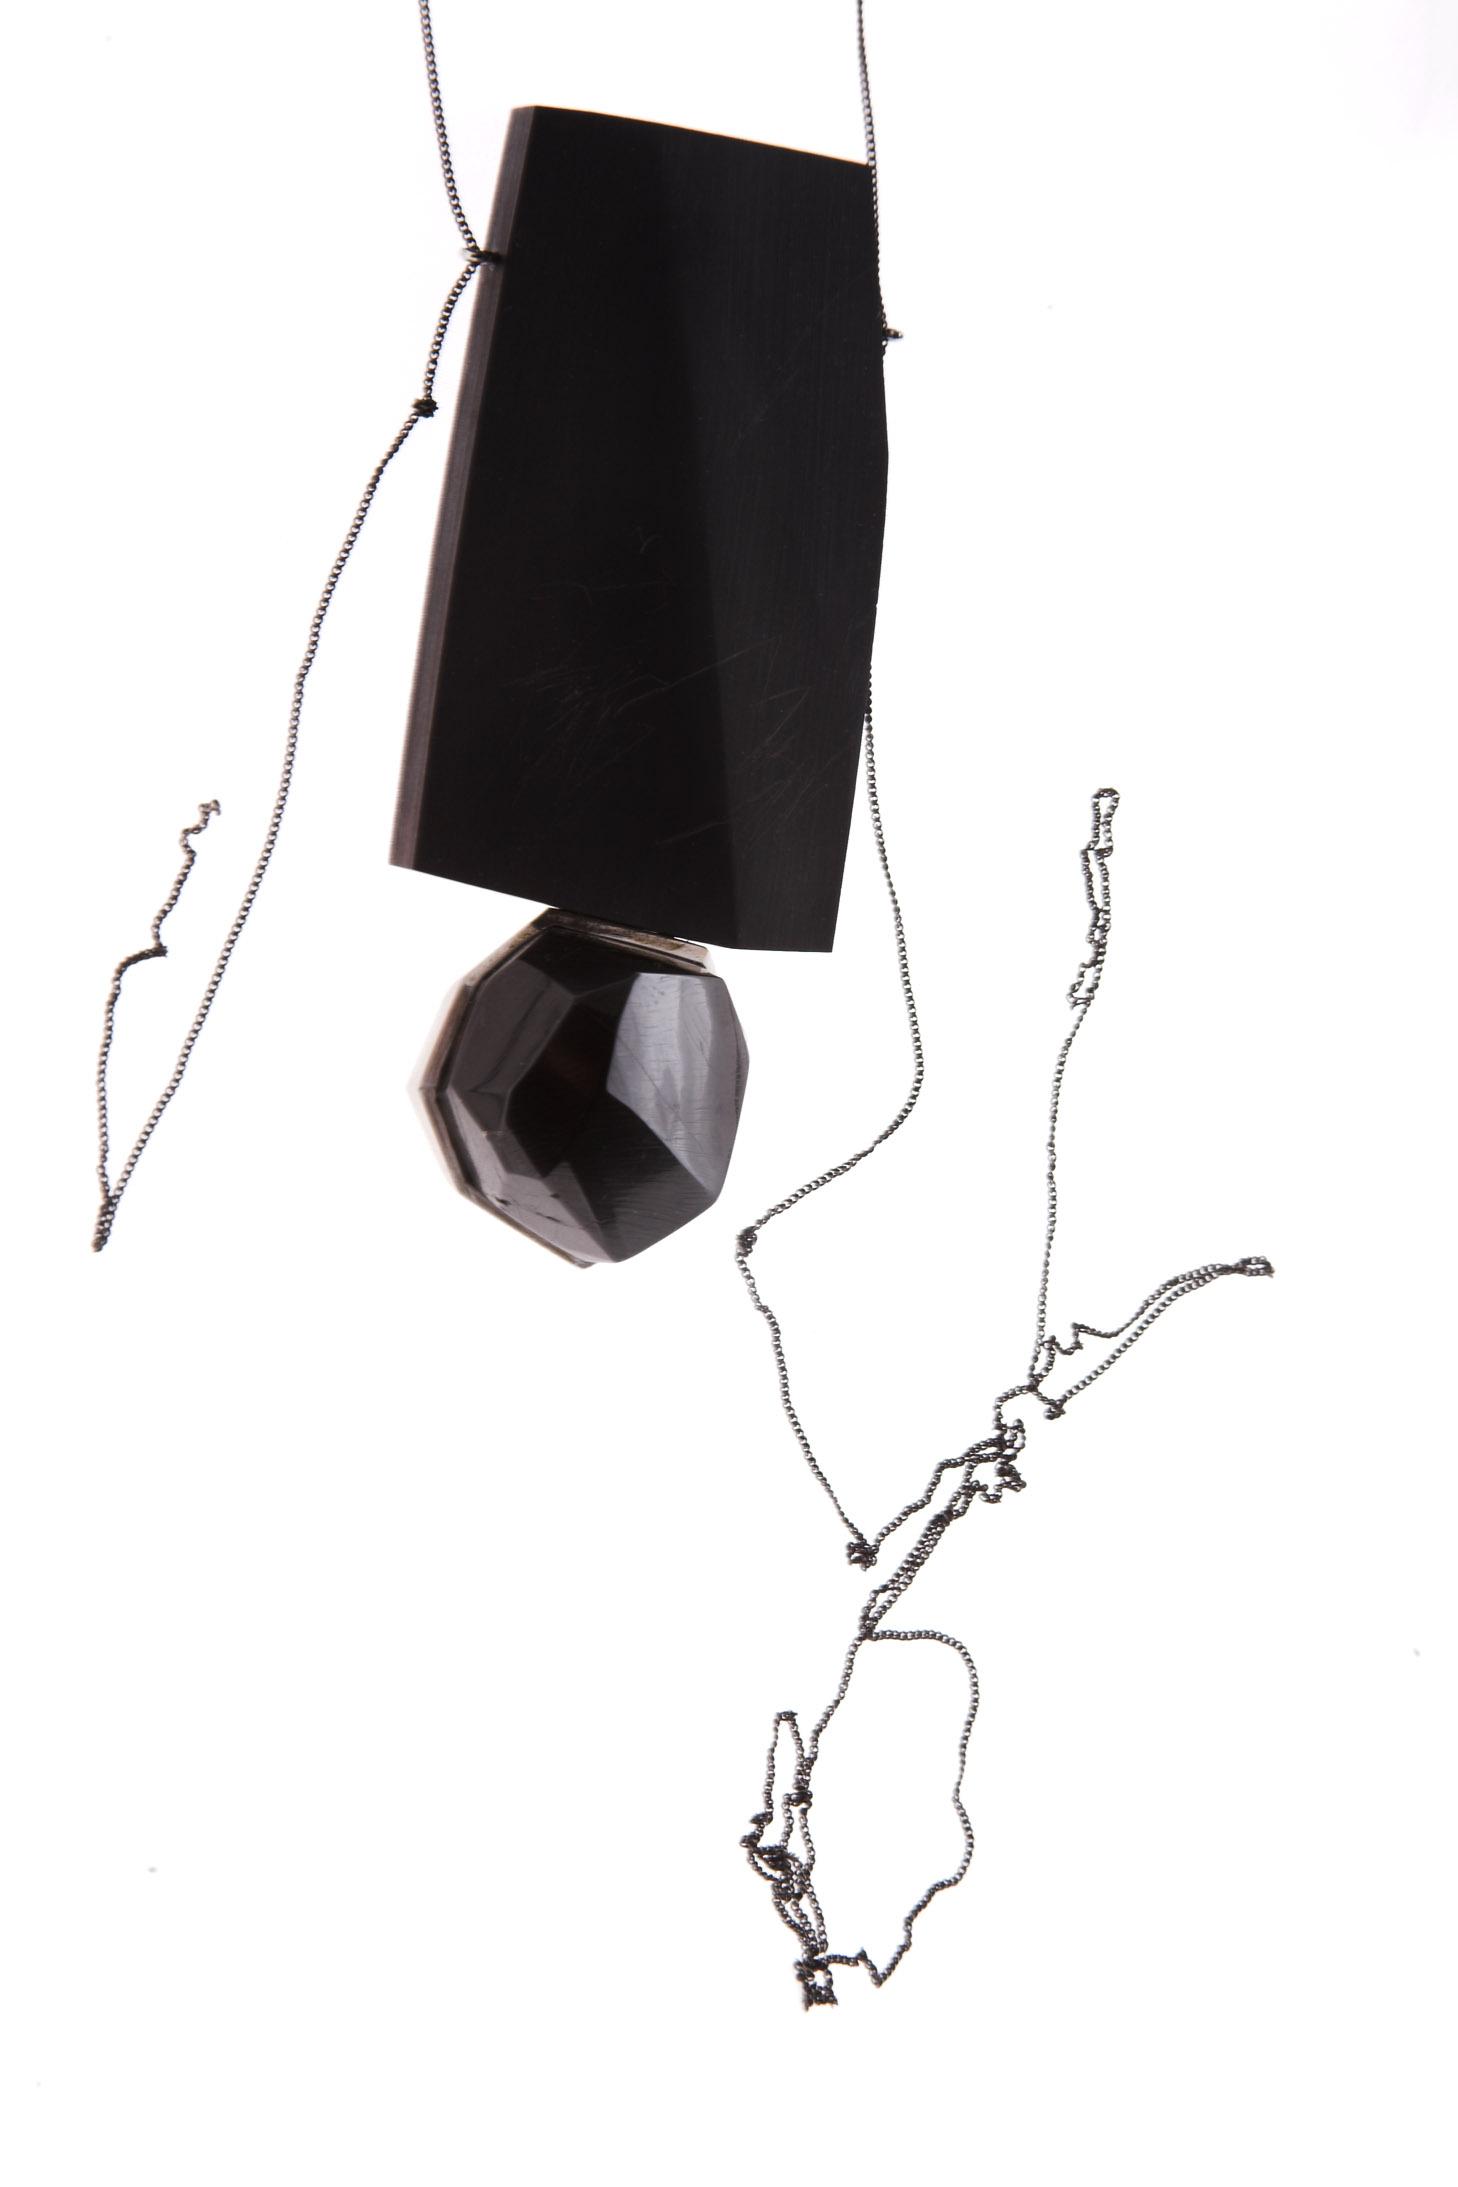 Kadri Mälk, Amnesia, 2010